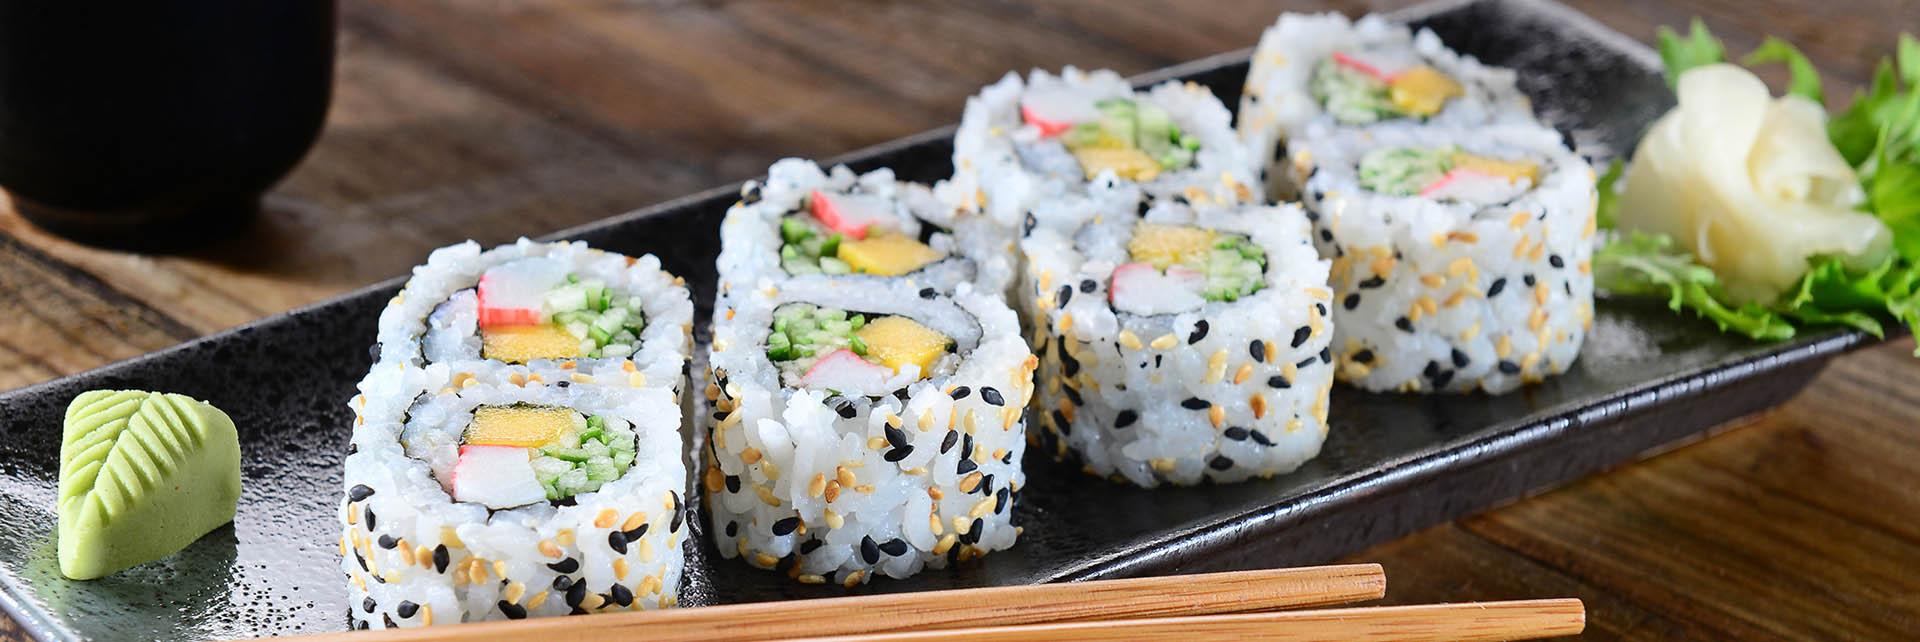 Japonais plateau tournant paris bentomania le comptoir - Restaurant japonais tapis roulant paris ...